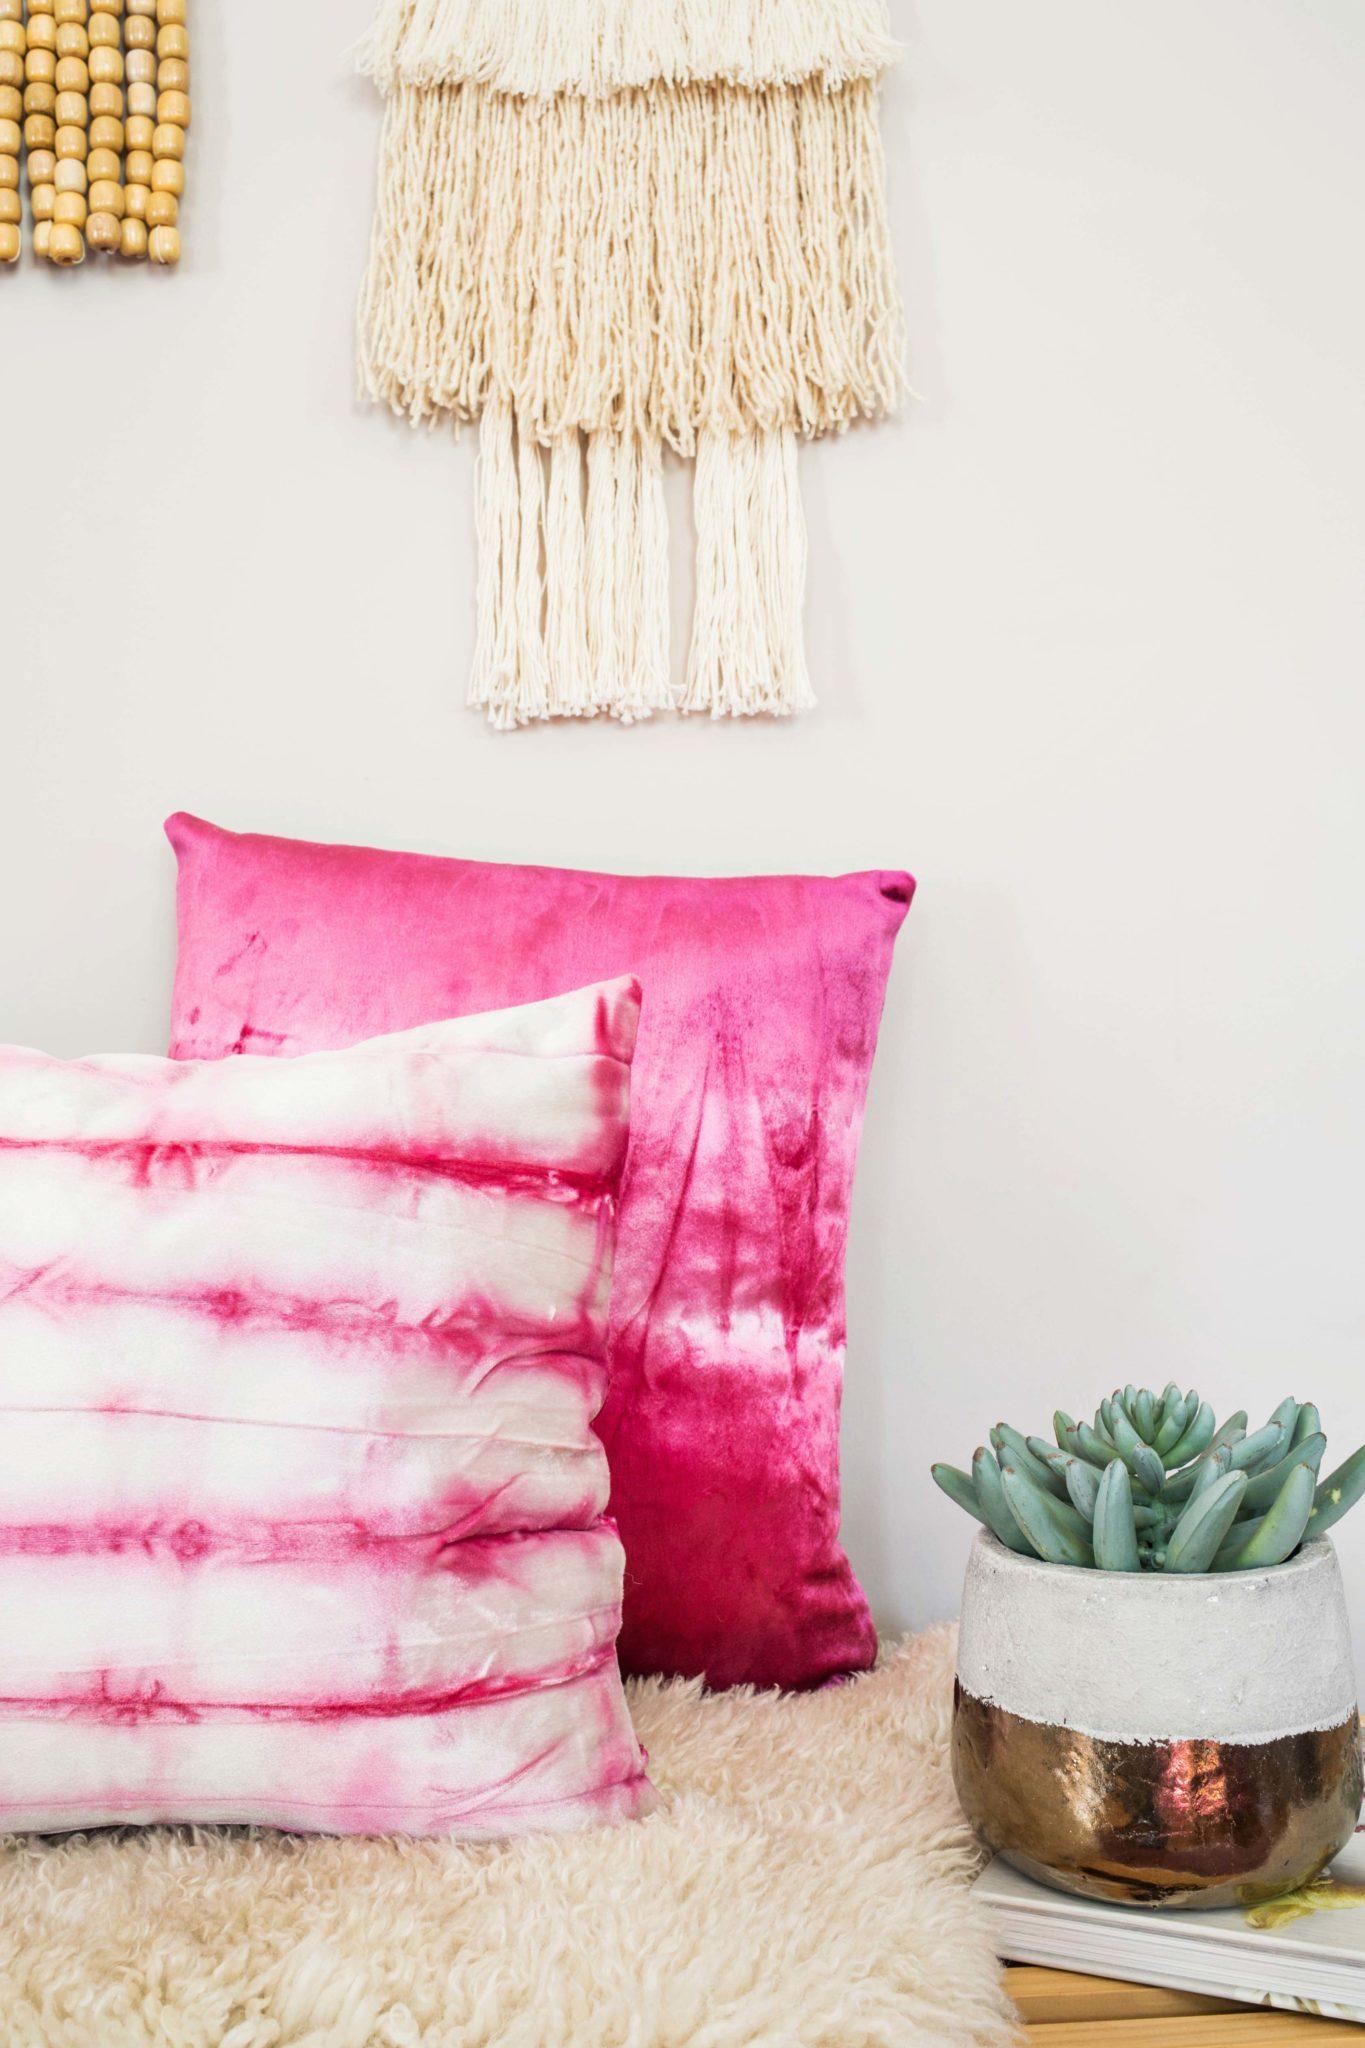 Vibrant-dyed-velvet-pillows